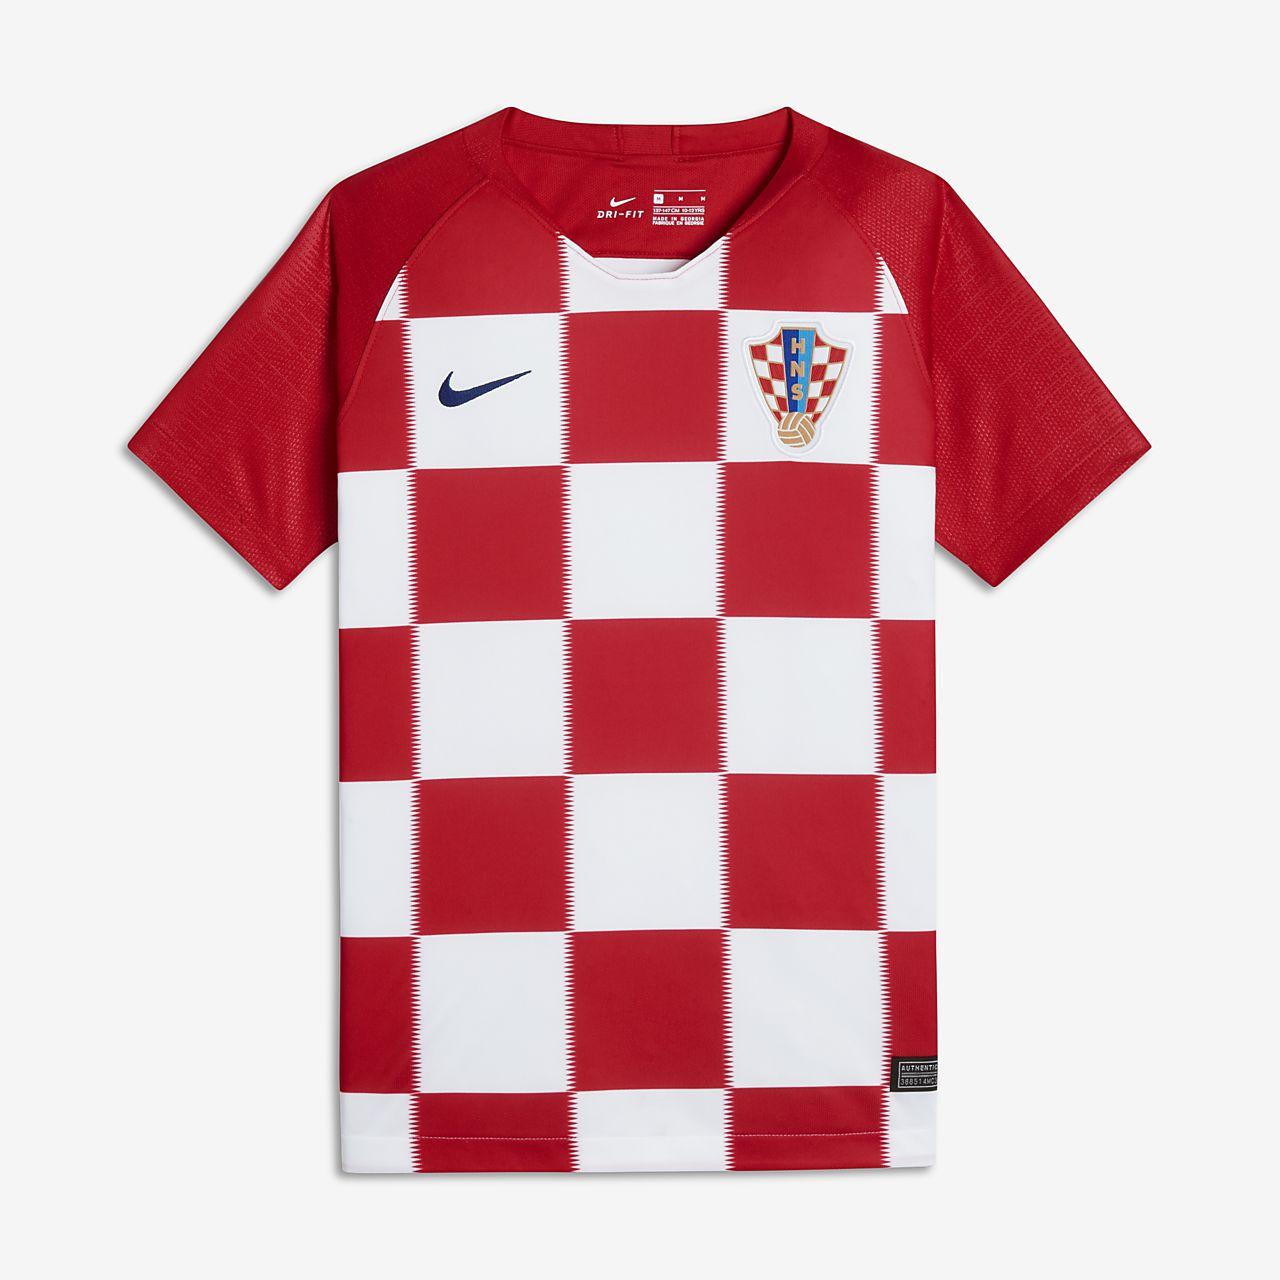 2018 Croatia Stadium Home-fodboldtrøje til store børn